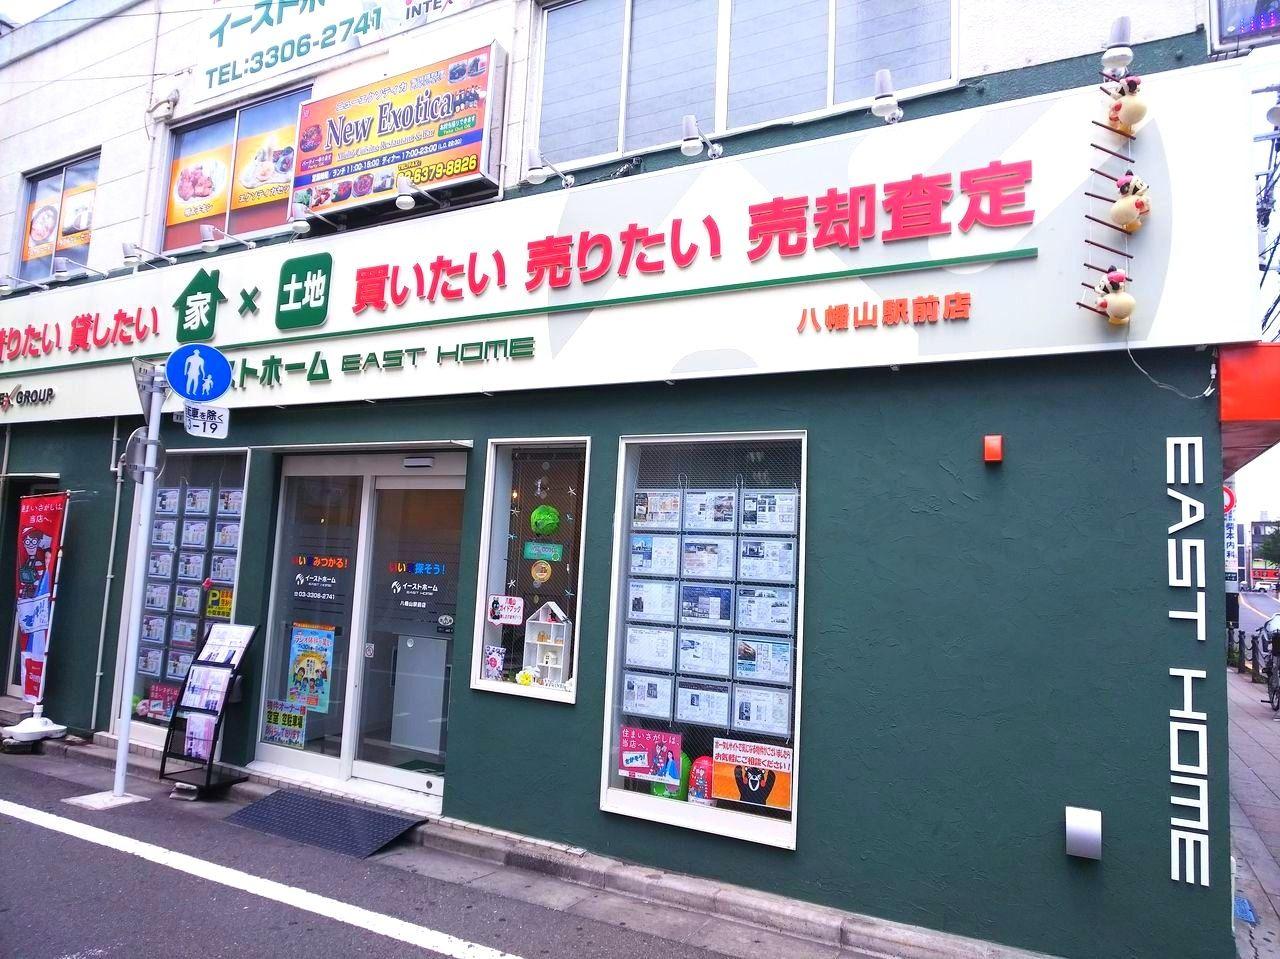 八幡山駅20秒 イーストホームの店舗です